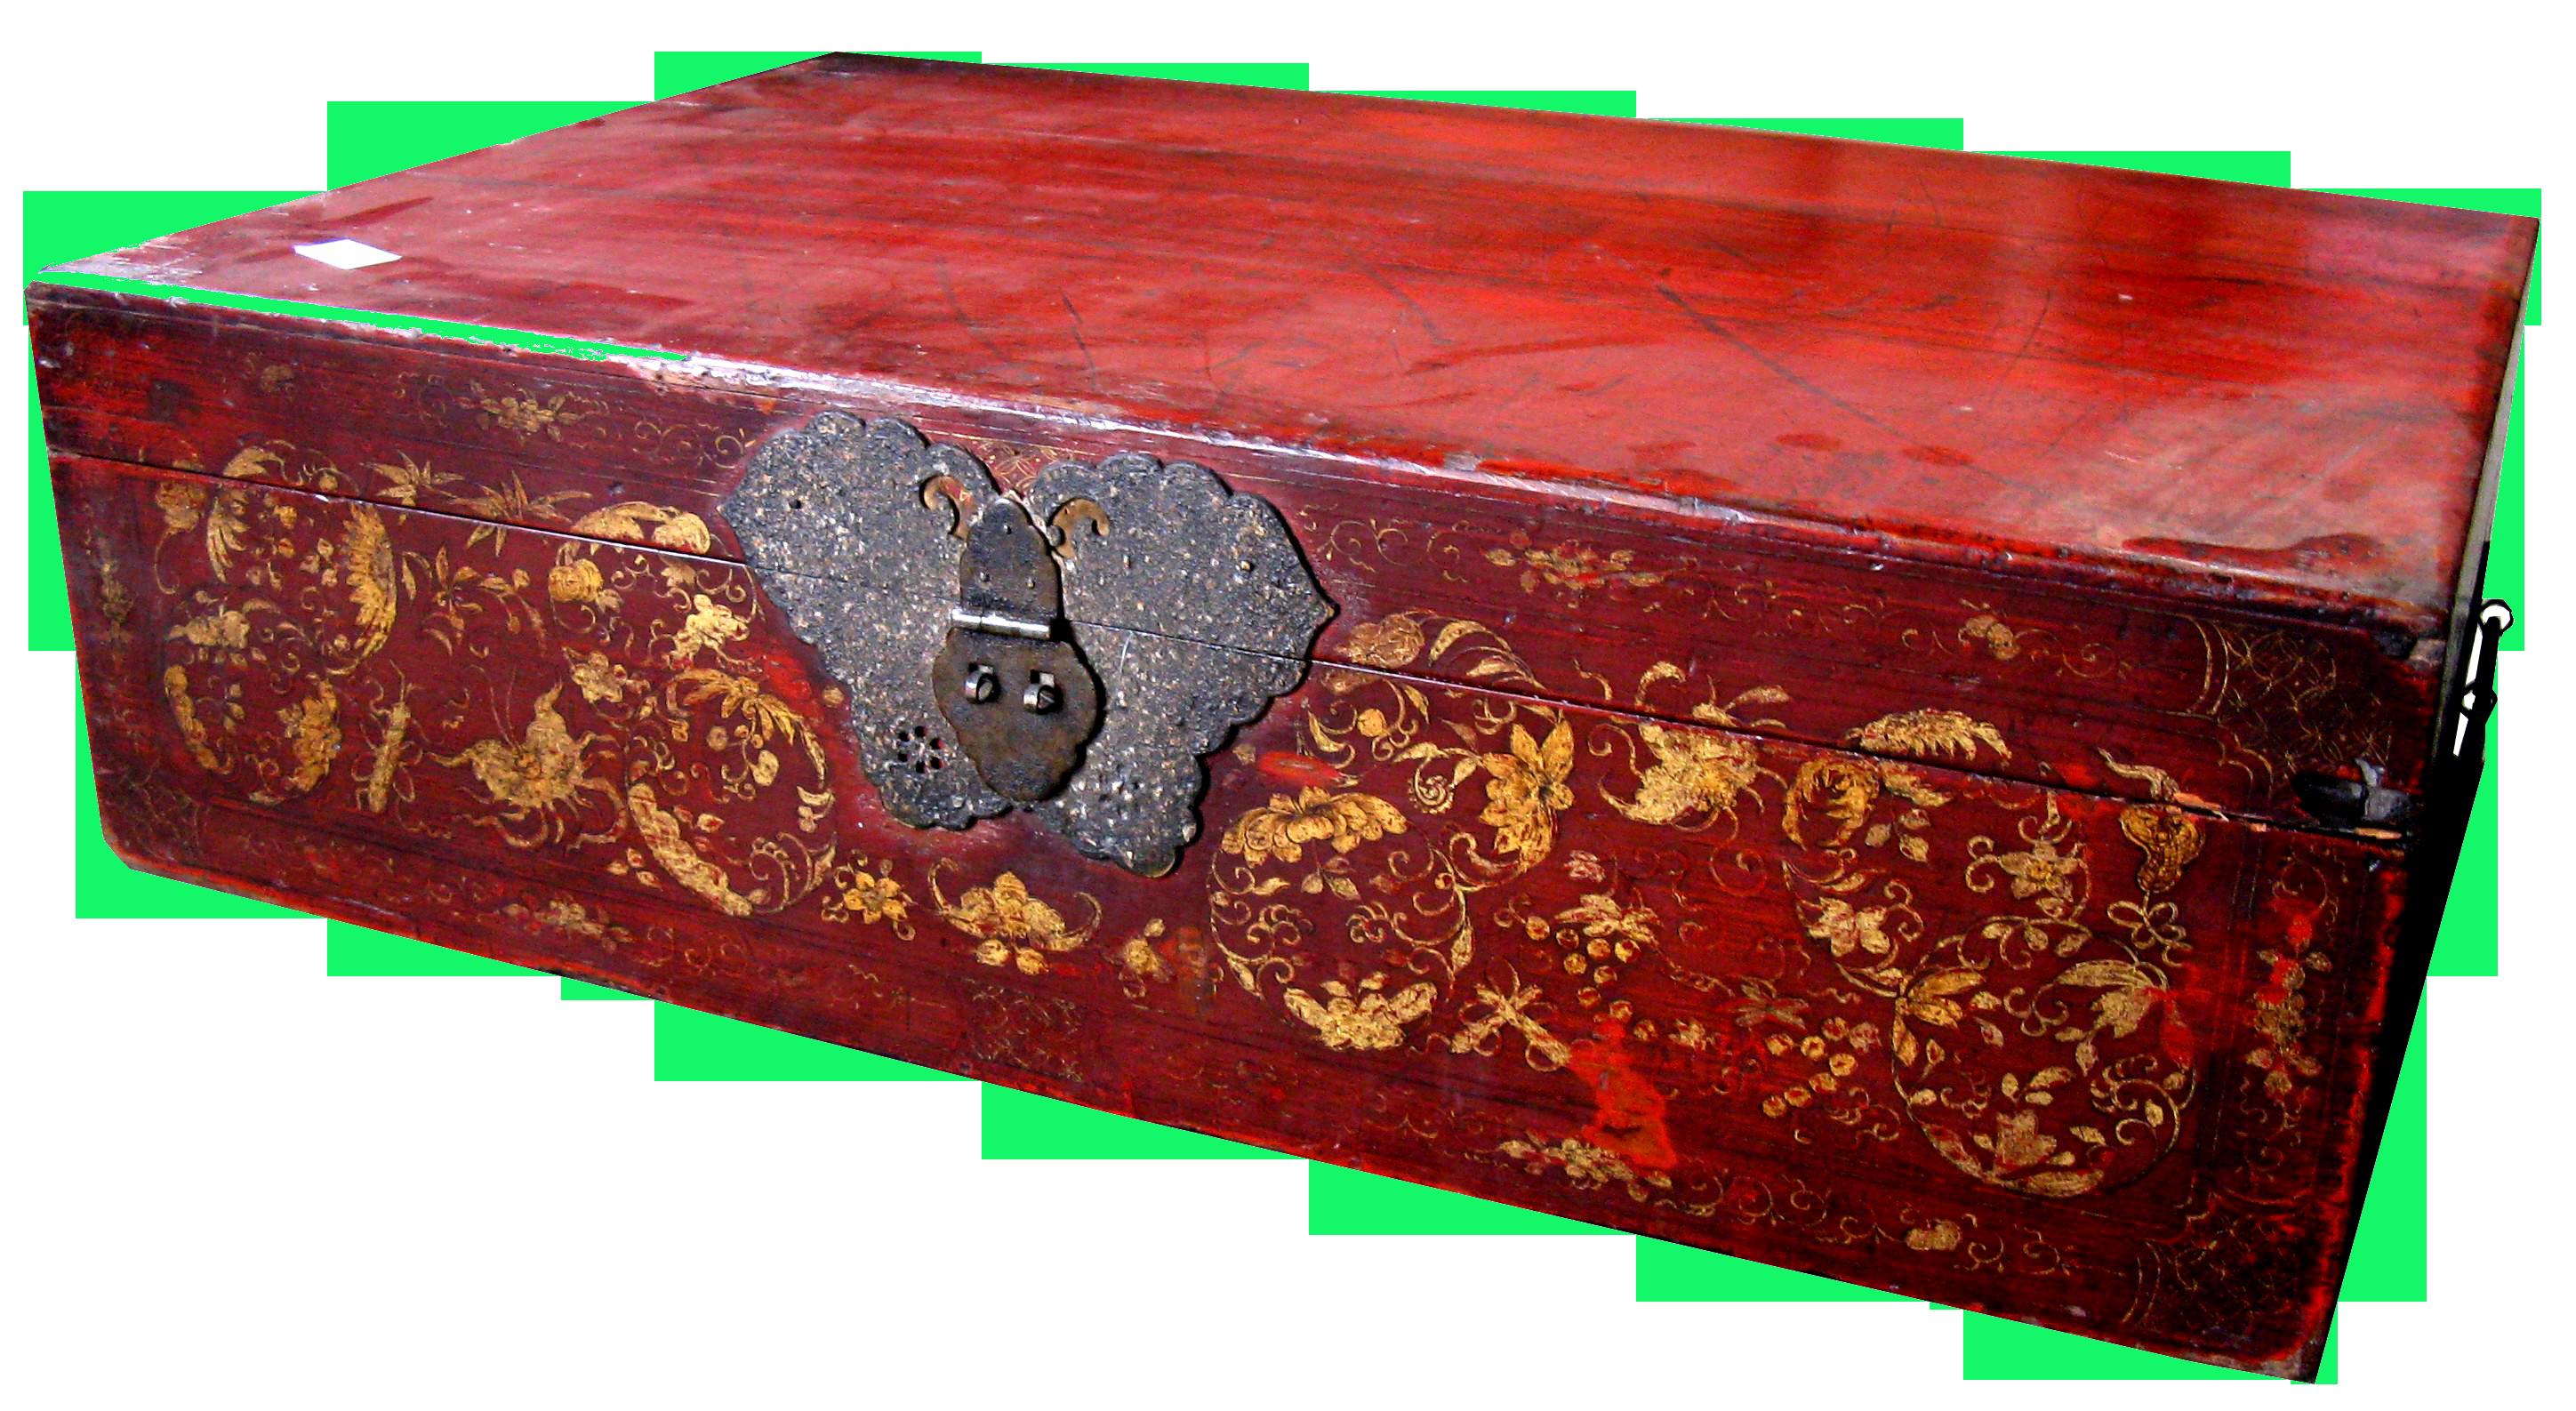 Antike Chinesische Truhe Möbel